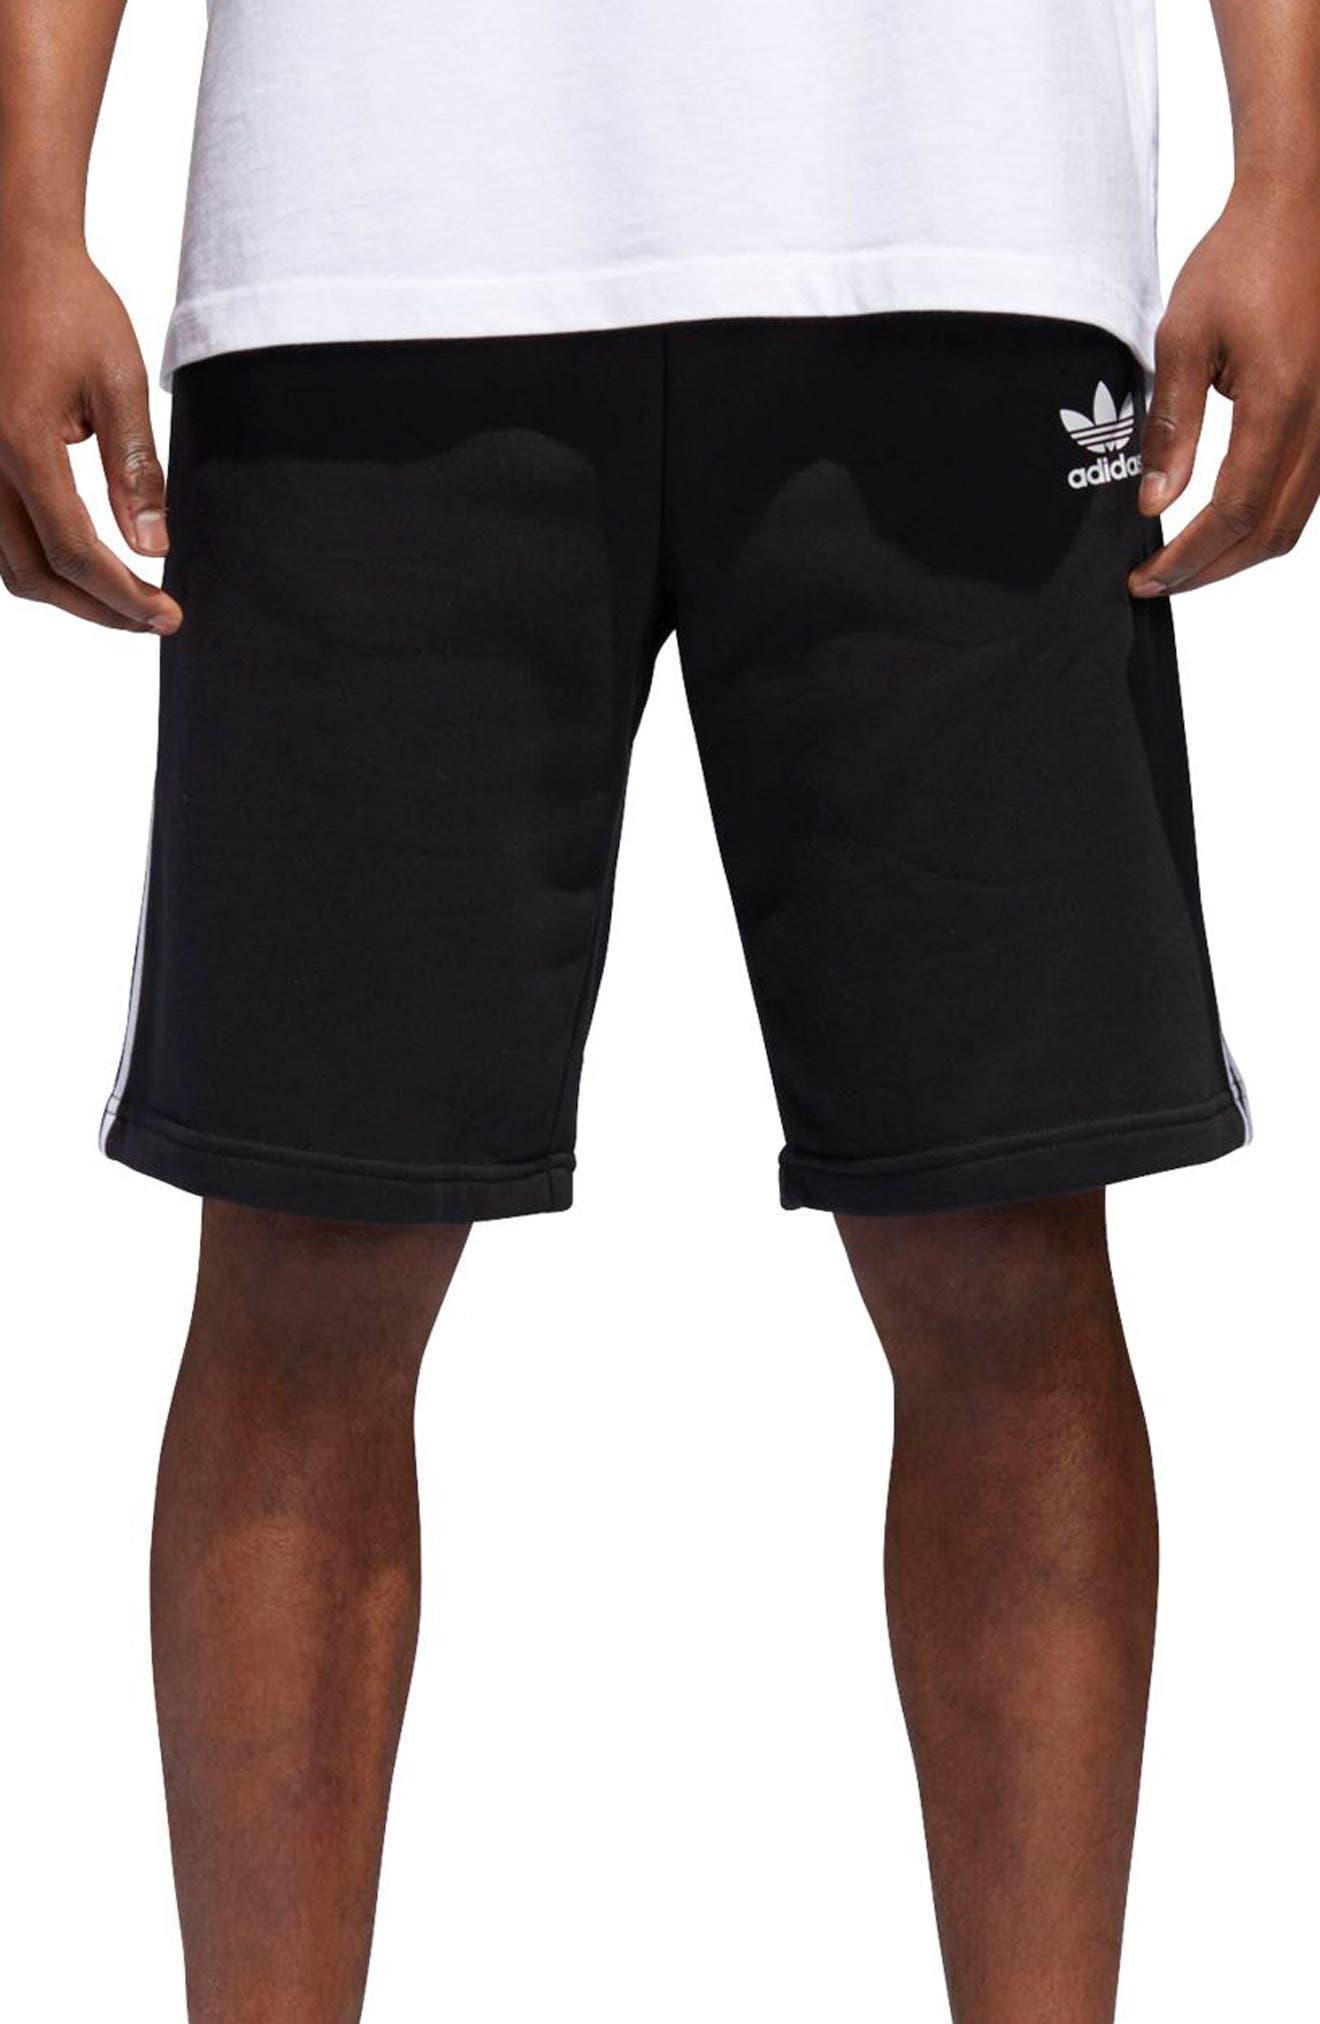 3-Stripes Shorts,                             Main thumbnail 1, color,                             BLACK/ WHITE